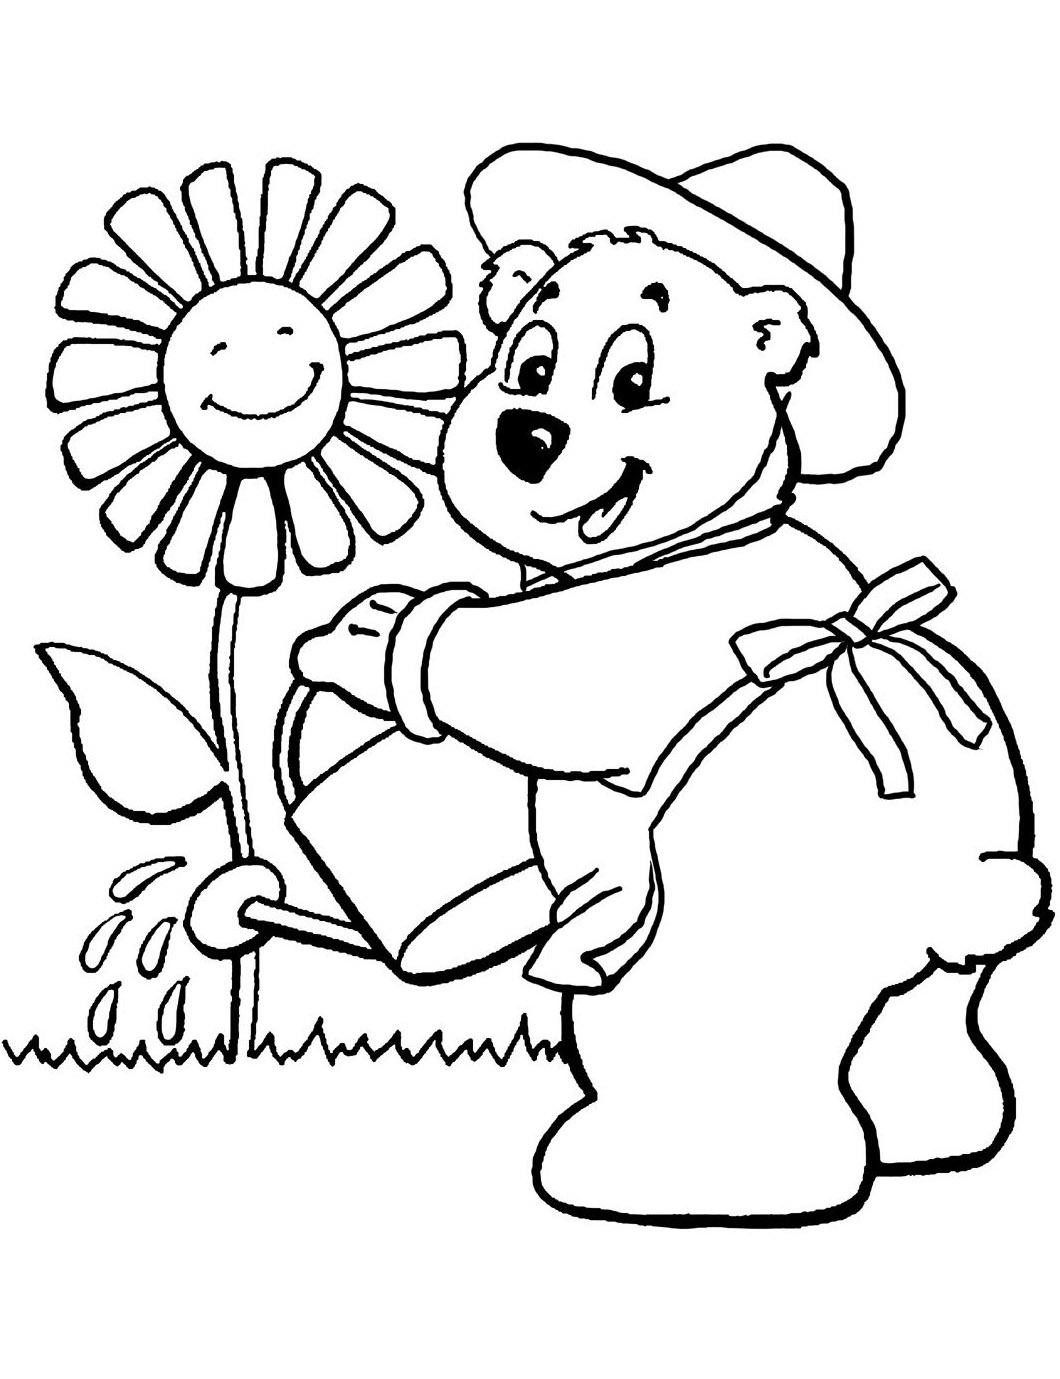 Oursons 4 - Coloriage D'Oursons - Coloriages Pour Enfants dedans Coloriage D Ourson A Imprimer